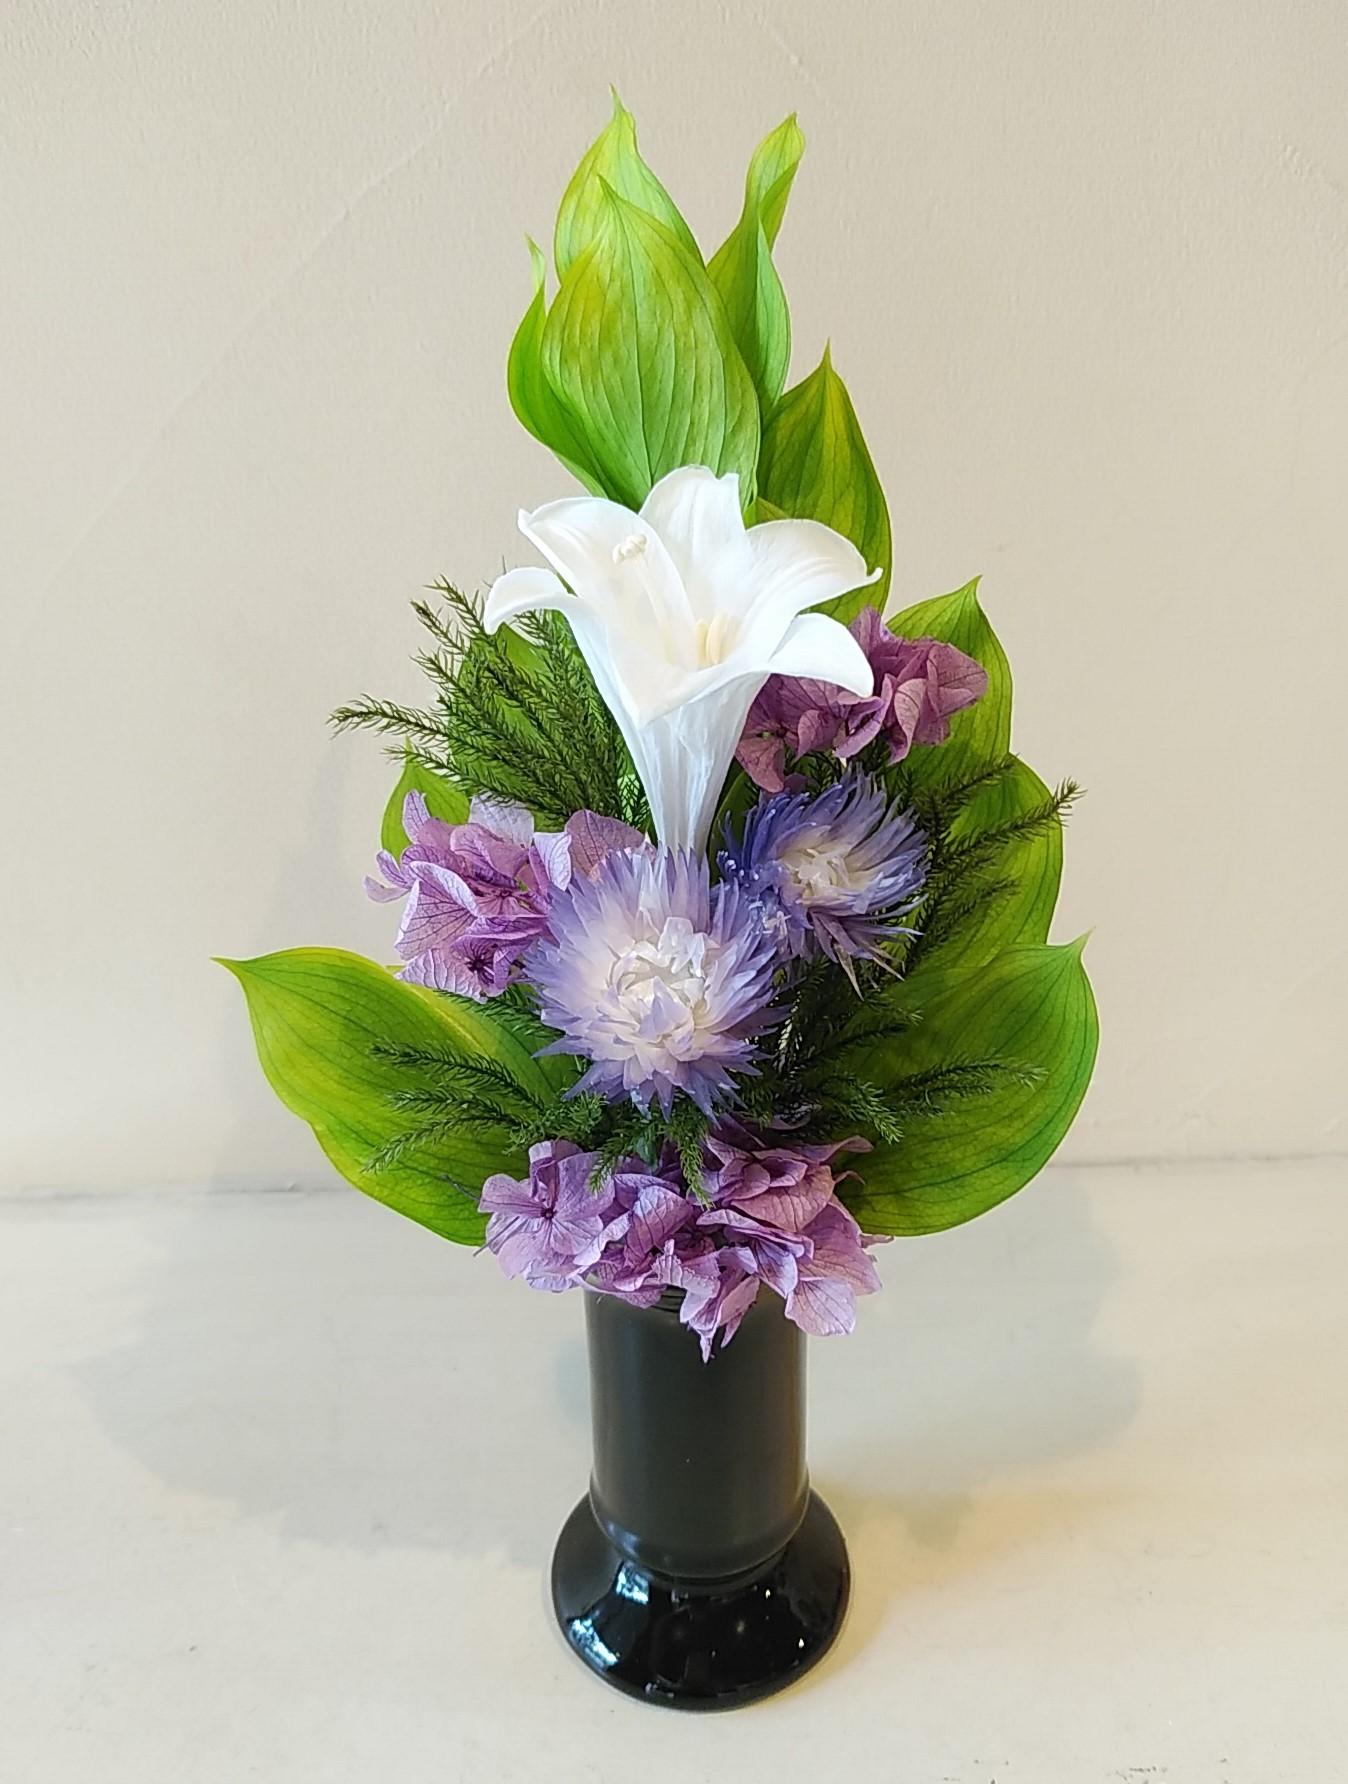 1DAY:プリザーブドフラワーでおしゃれな仏花を作ろう 20/08/04